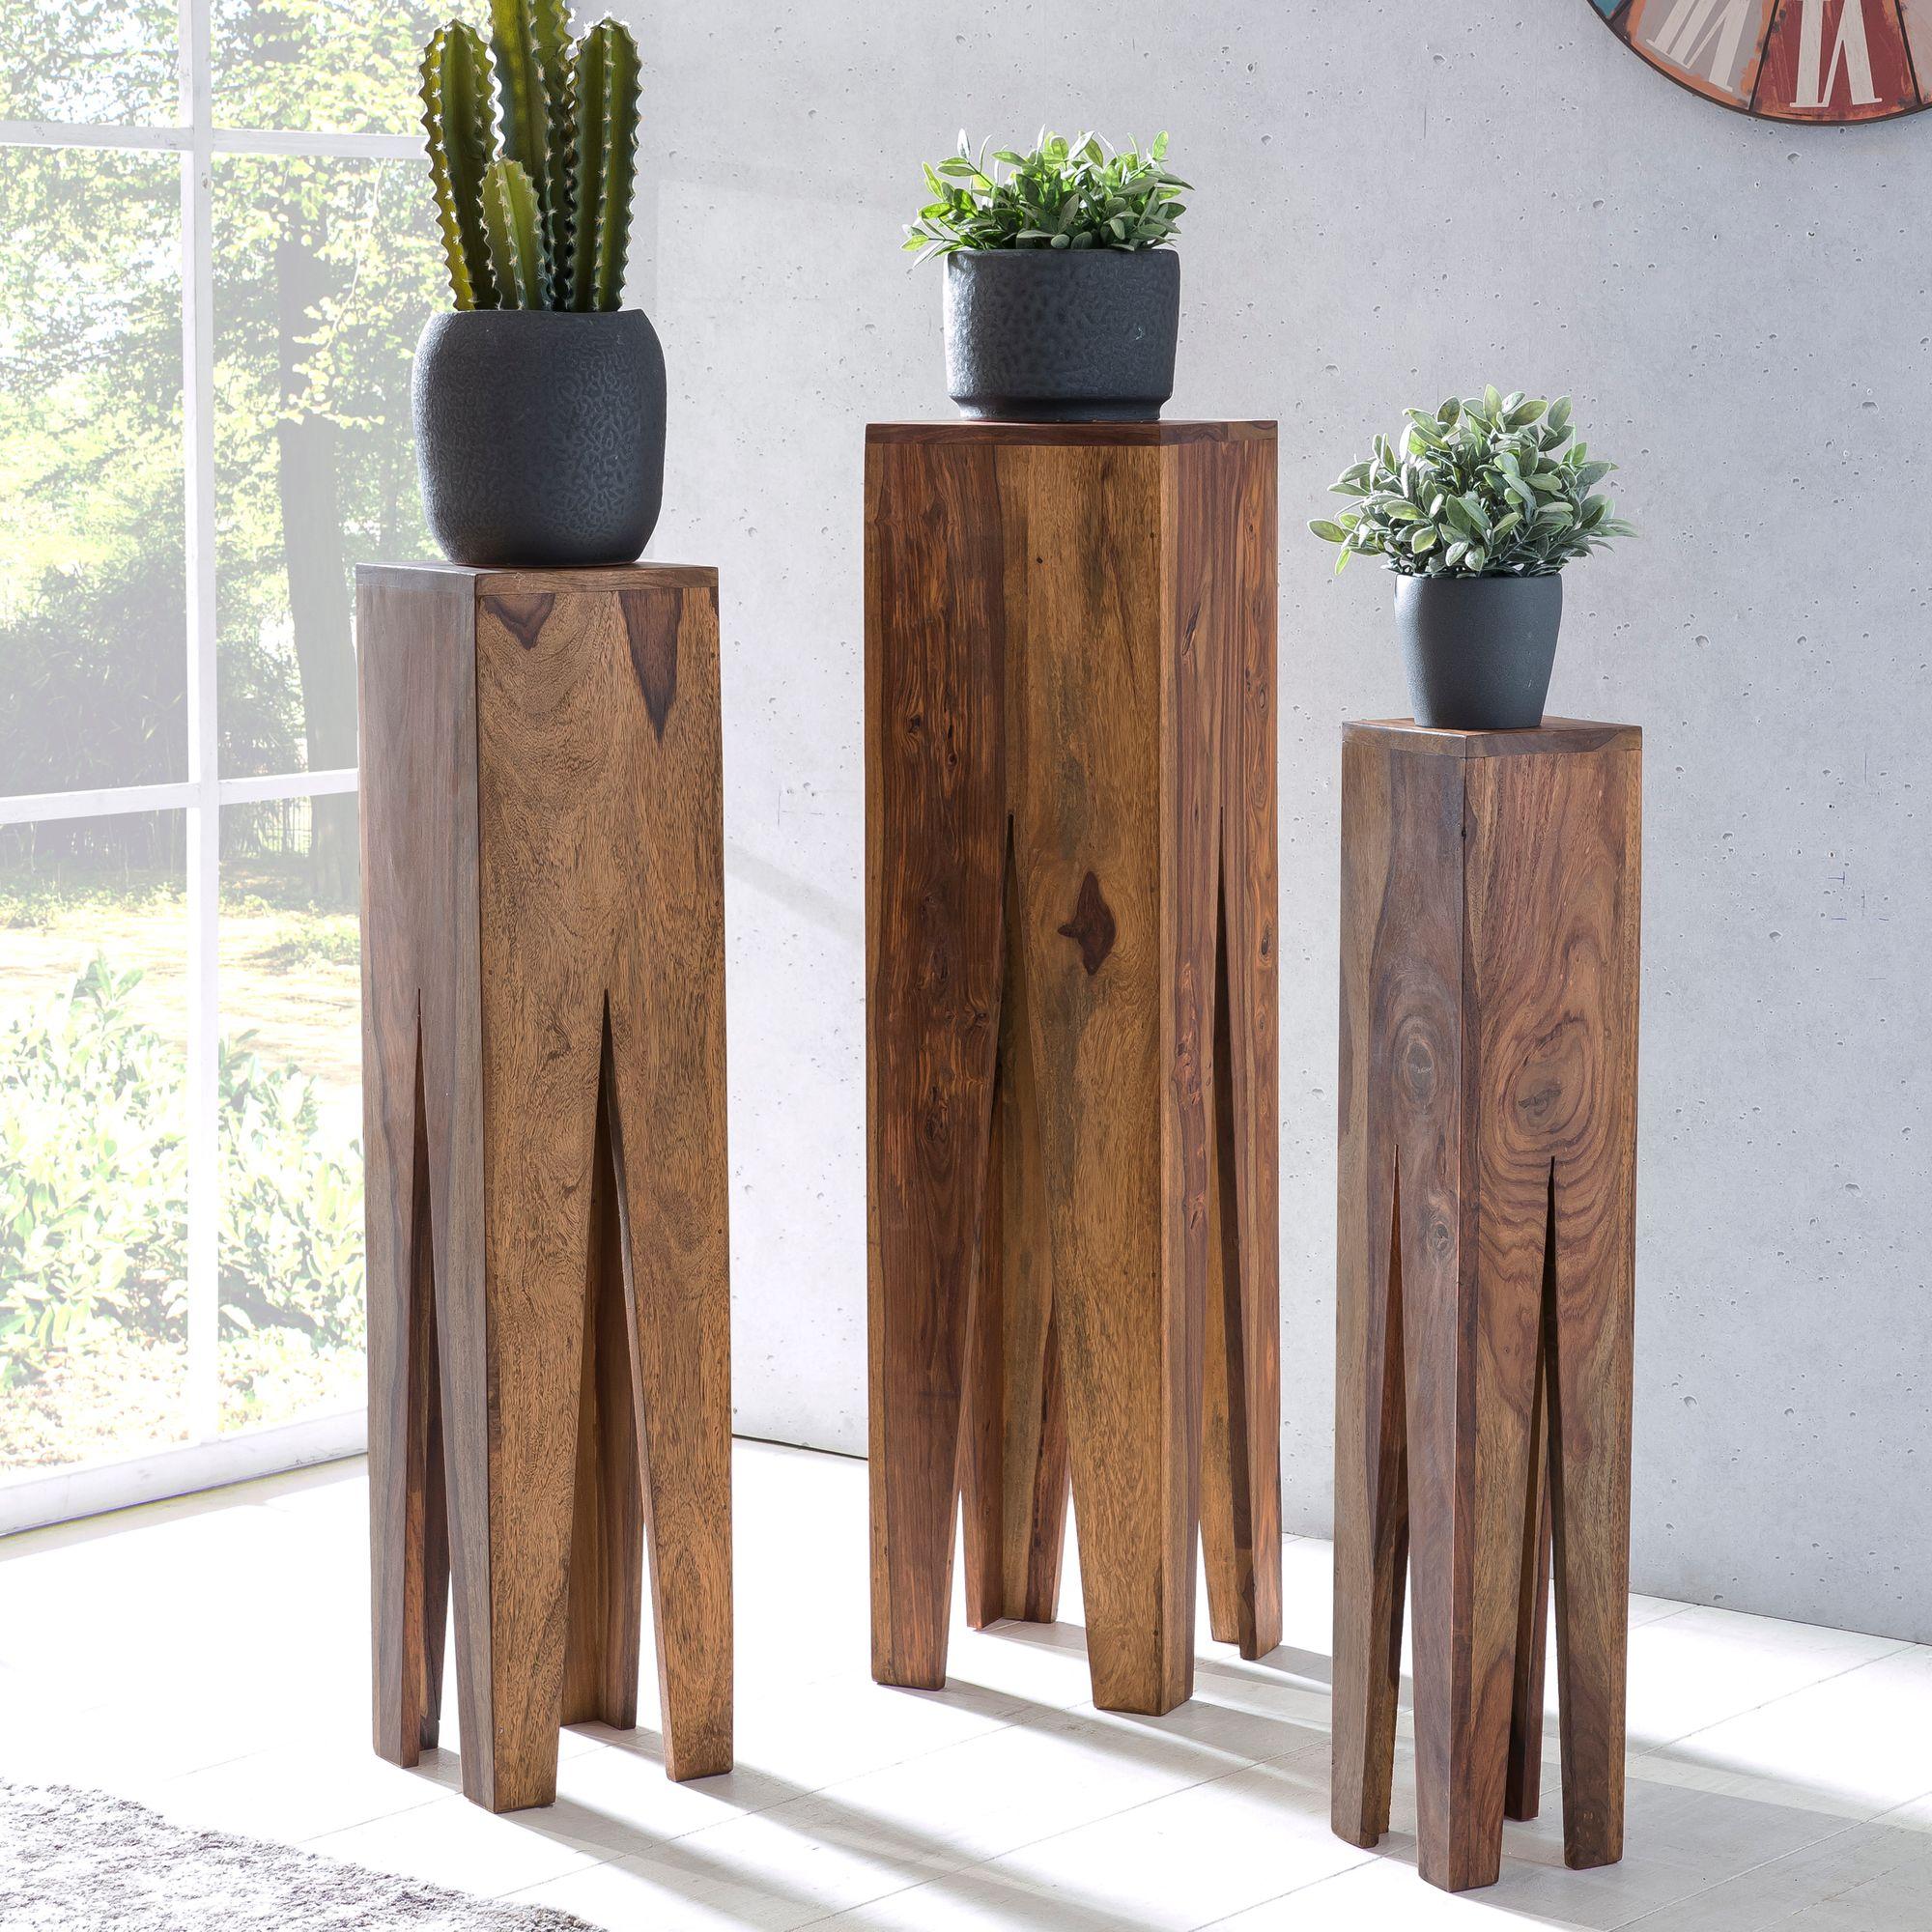 Beistelltisch 3er Set Massivholz Wohnzimmertisch Design Säulen